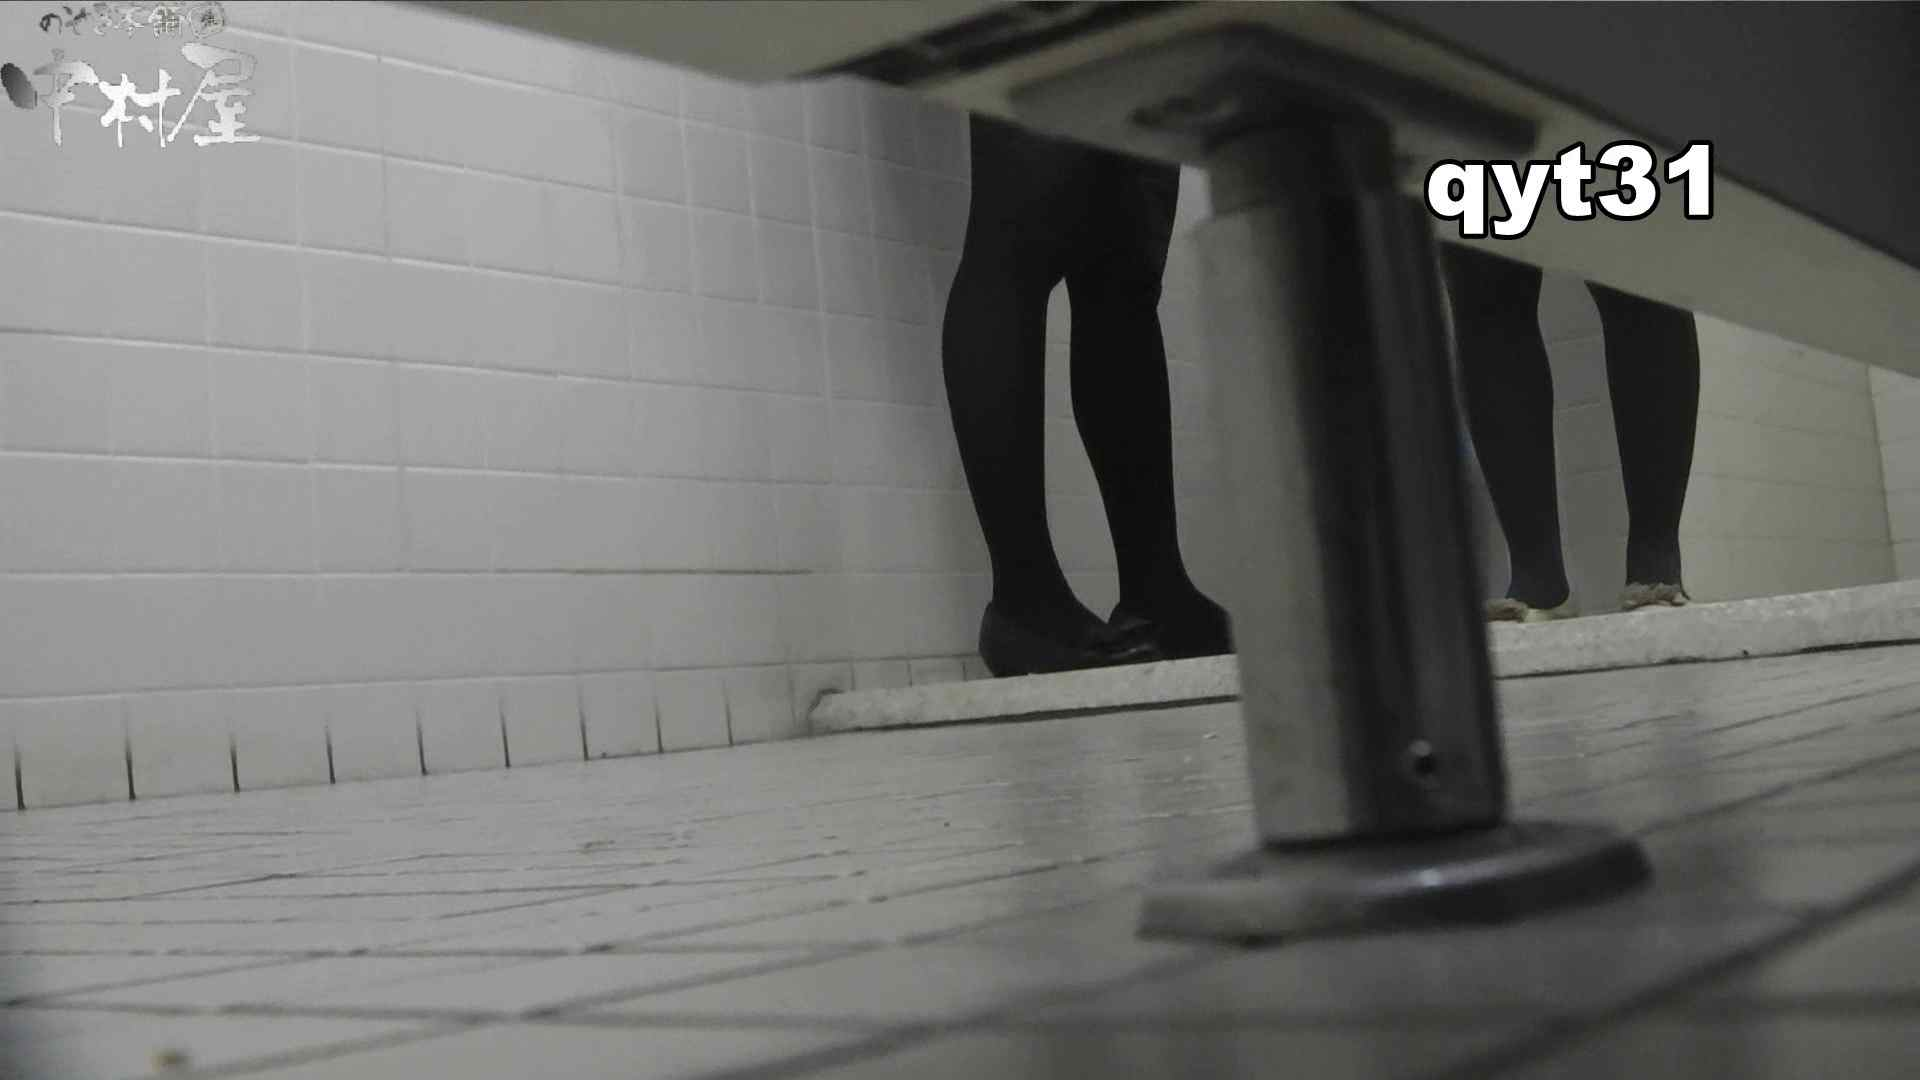 【お銀さんの「洗面所突入レポート!!」】お銀さんの「洗面所突入レポート!!」 vol.31 Σ(||゚Д゚)ヒィ~!! OLセックス  66画像 60